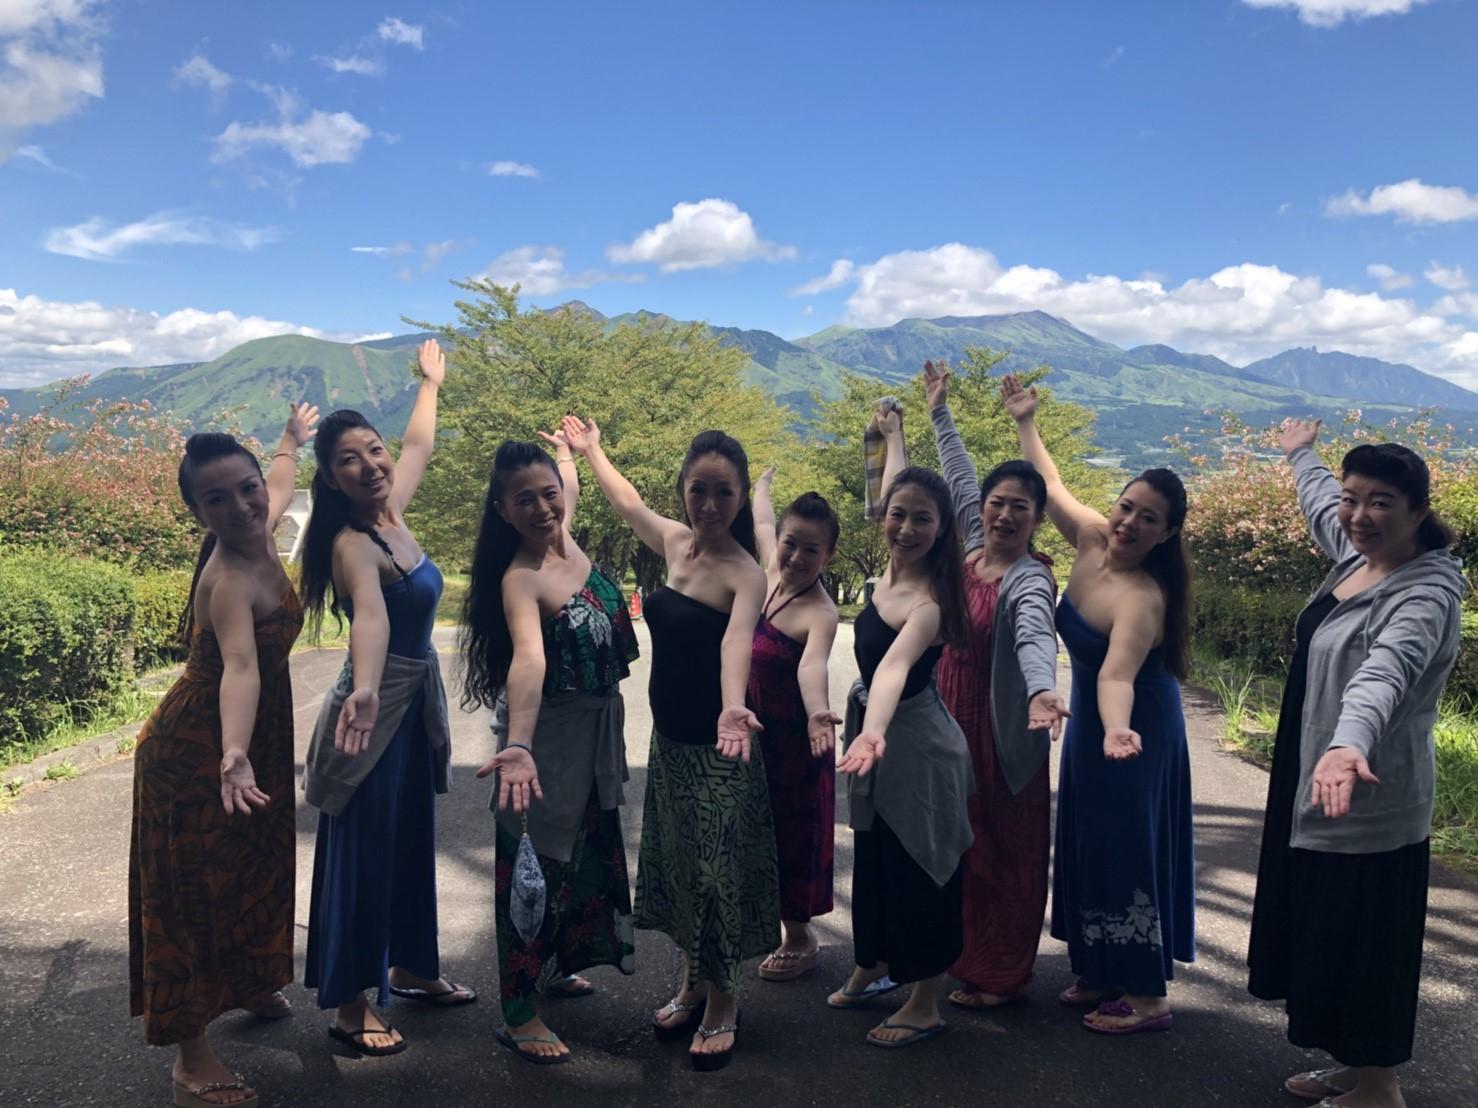 ハワイアンフェスティバル IN ASPECTA